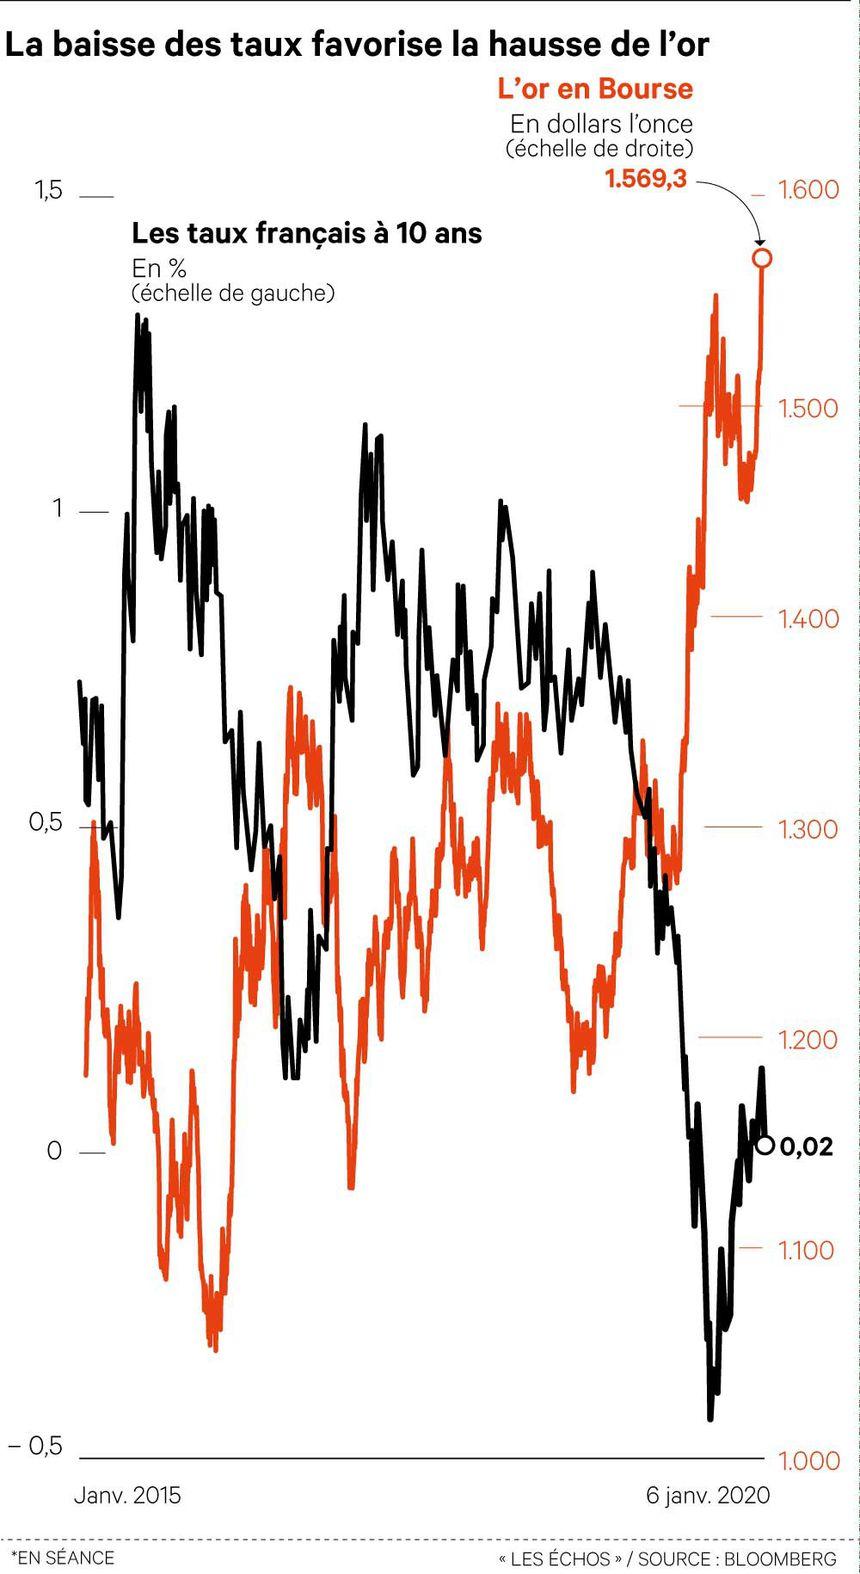 graphique montrant la corrélation entre baisse des taux et hausse de l'or